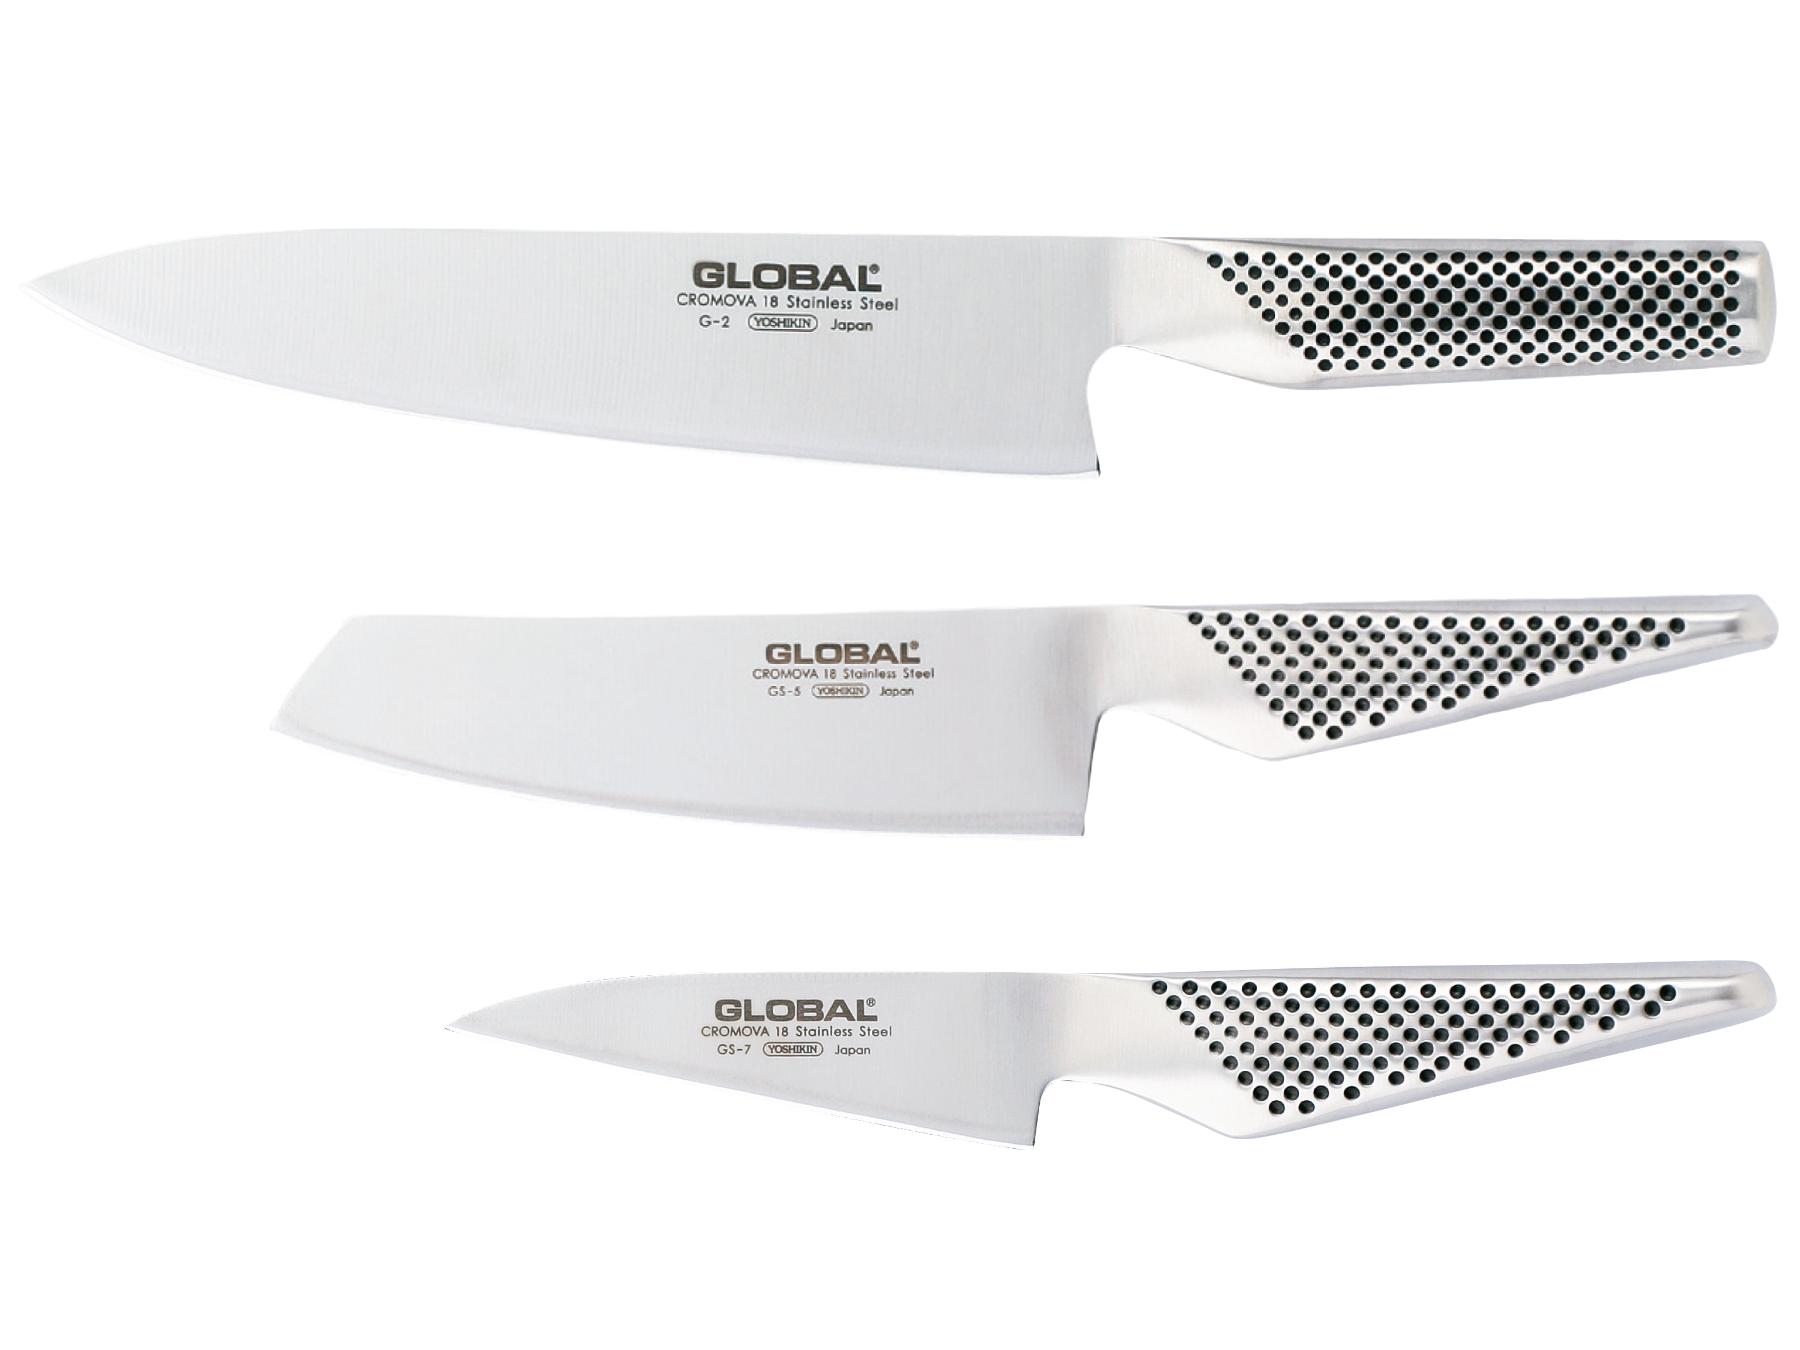 Global G-257 Messerset 3 teilig, G-2, GS-5 und GS-7